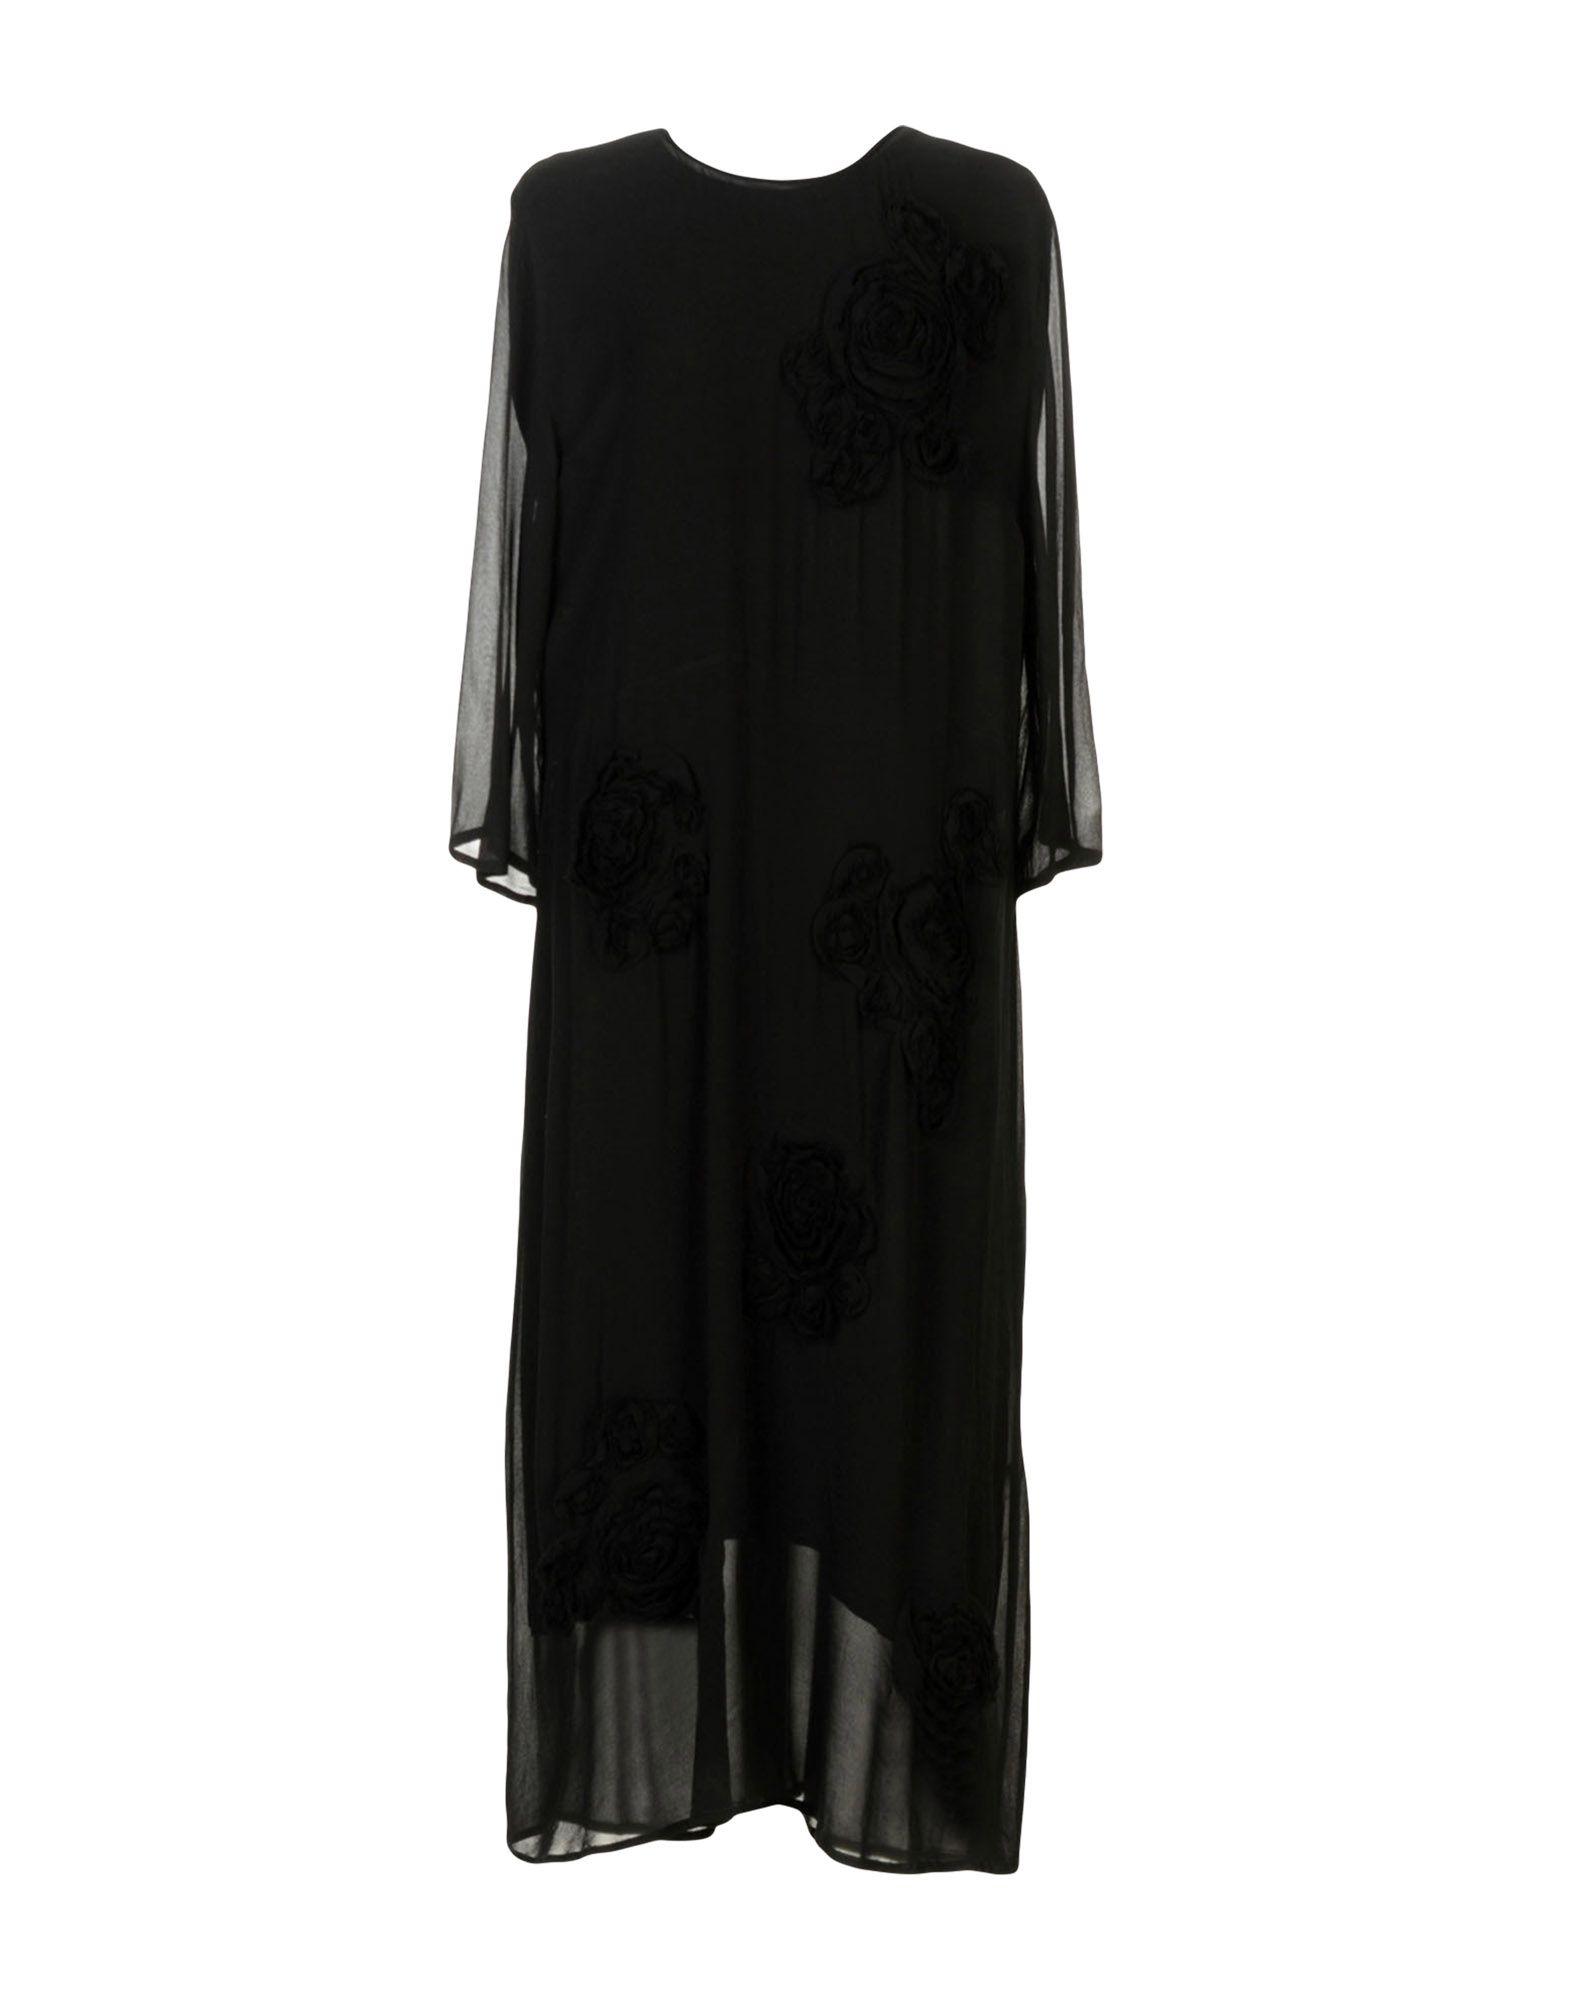 ZUCCA Midi Dress in Black